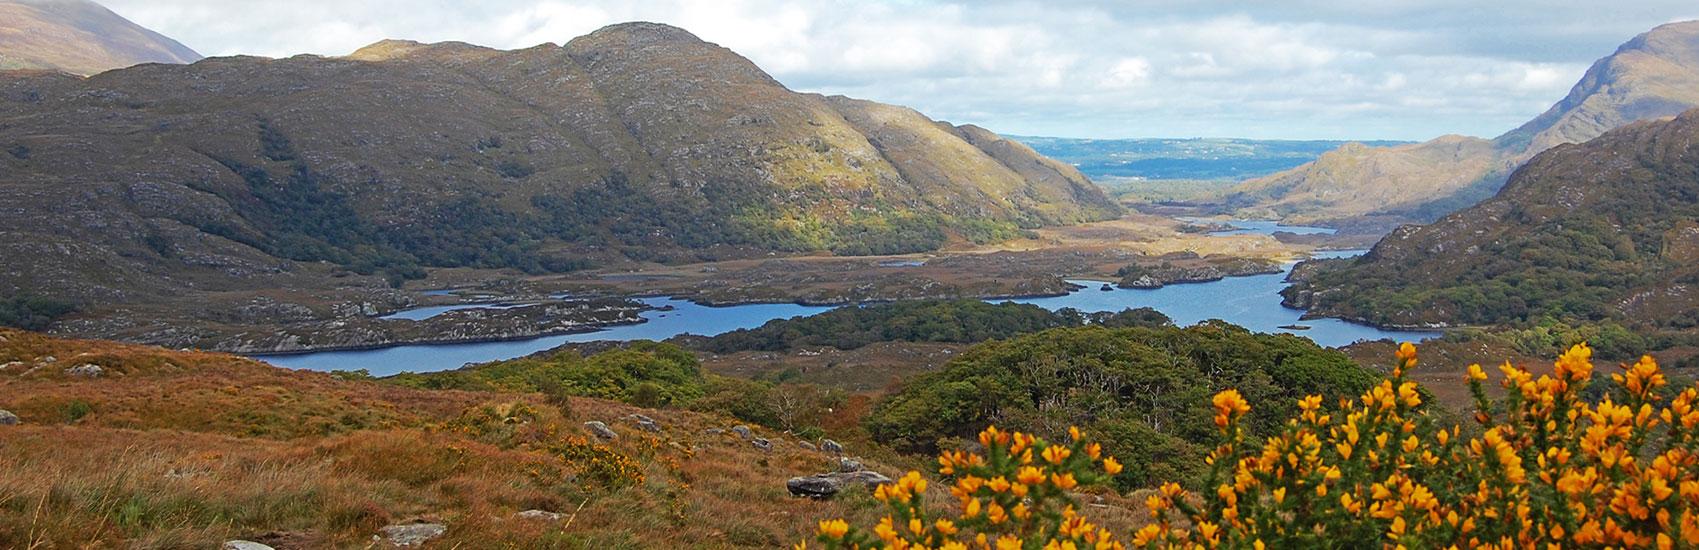 Explore Ireland 3